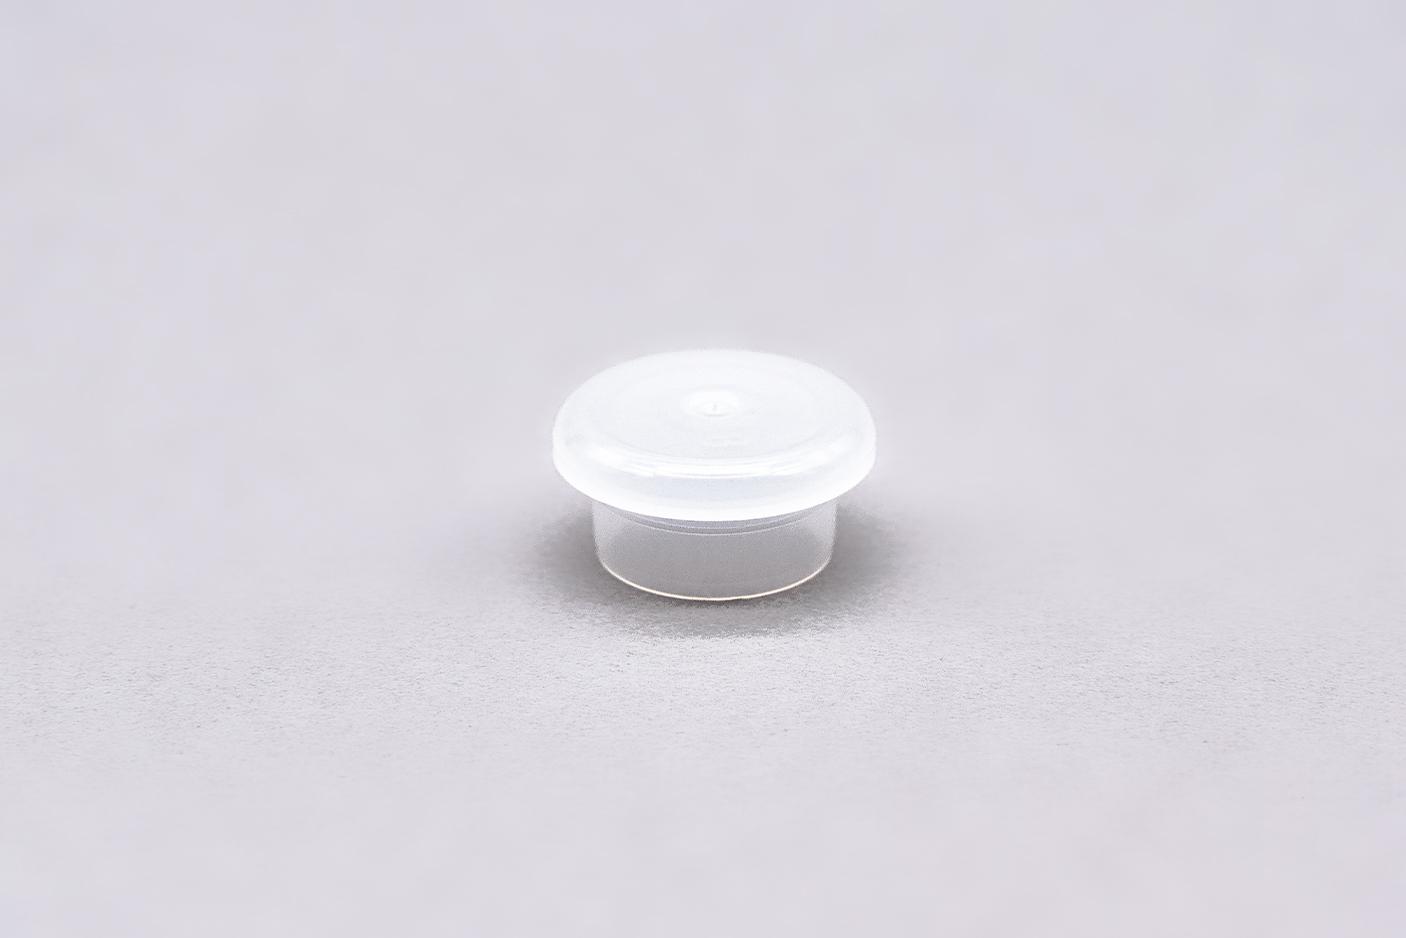 キャップ 再栓 プラスチック 試験管用 採血管用